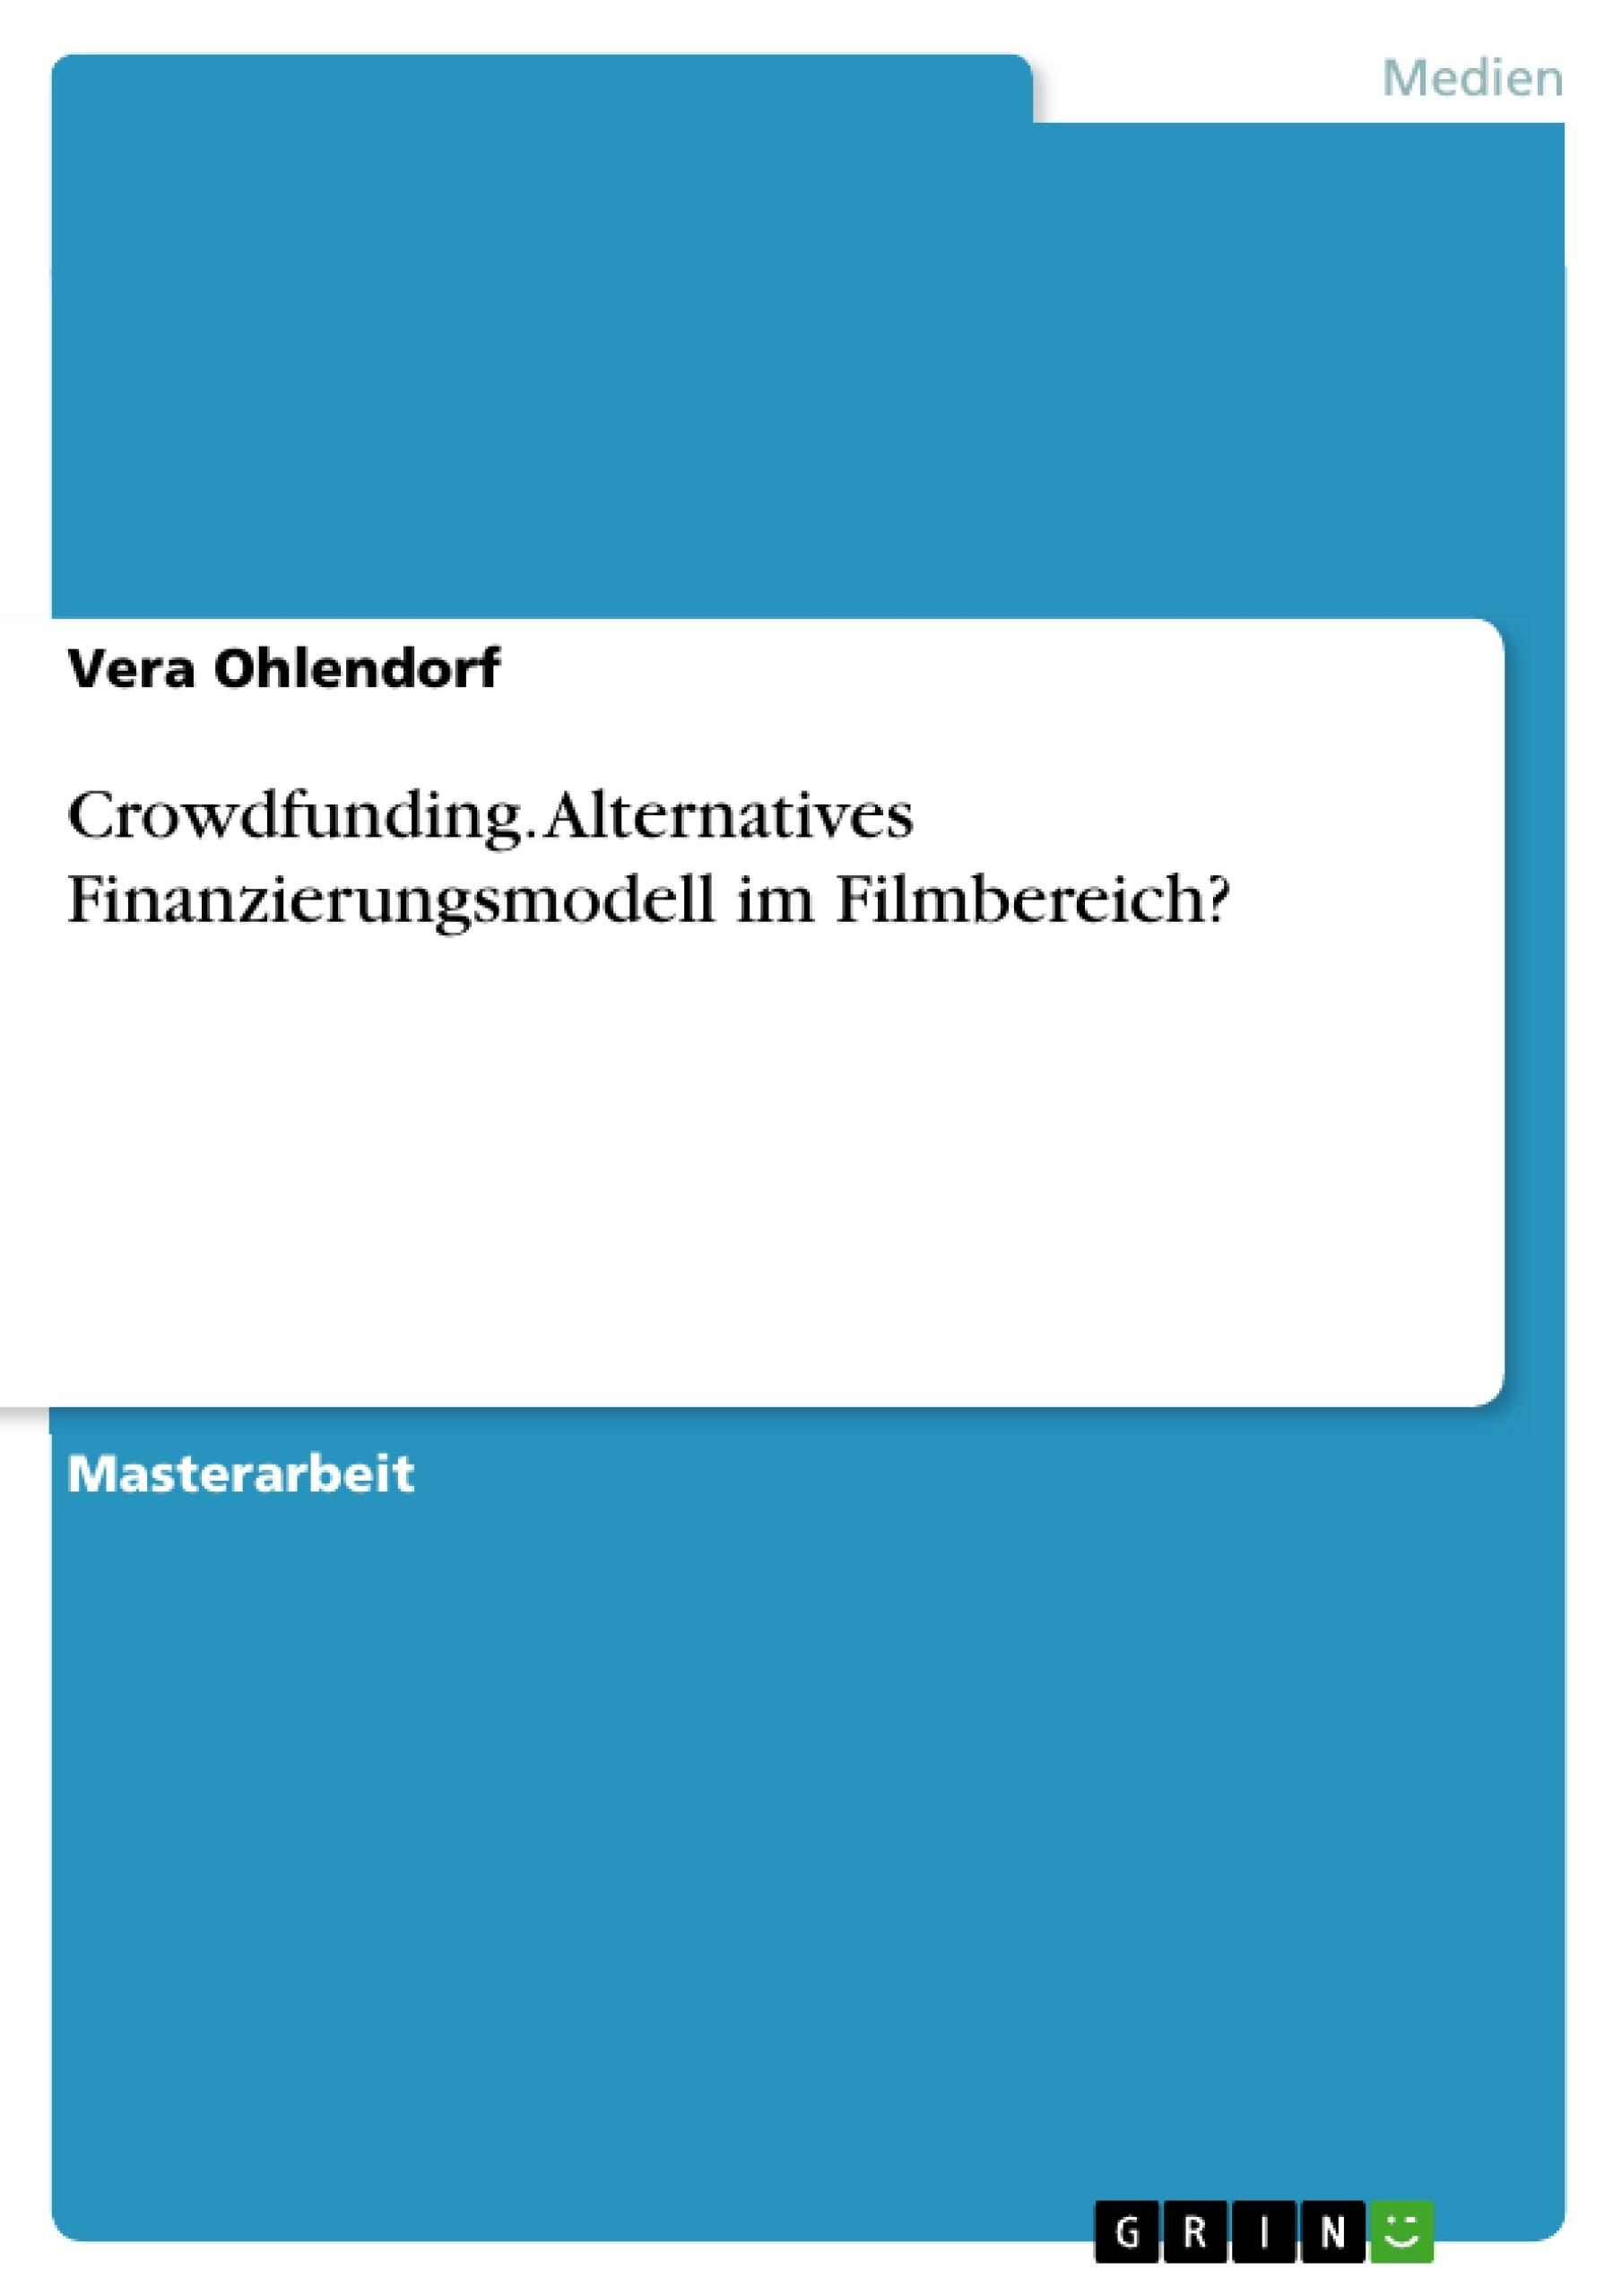 Titel: Crowdfunding. Alternatives Finanzierungsmodell im Filmbereich?